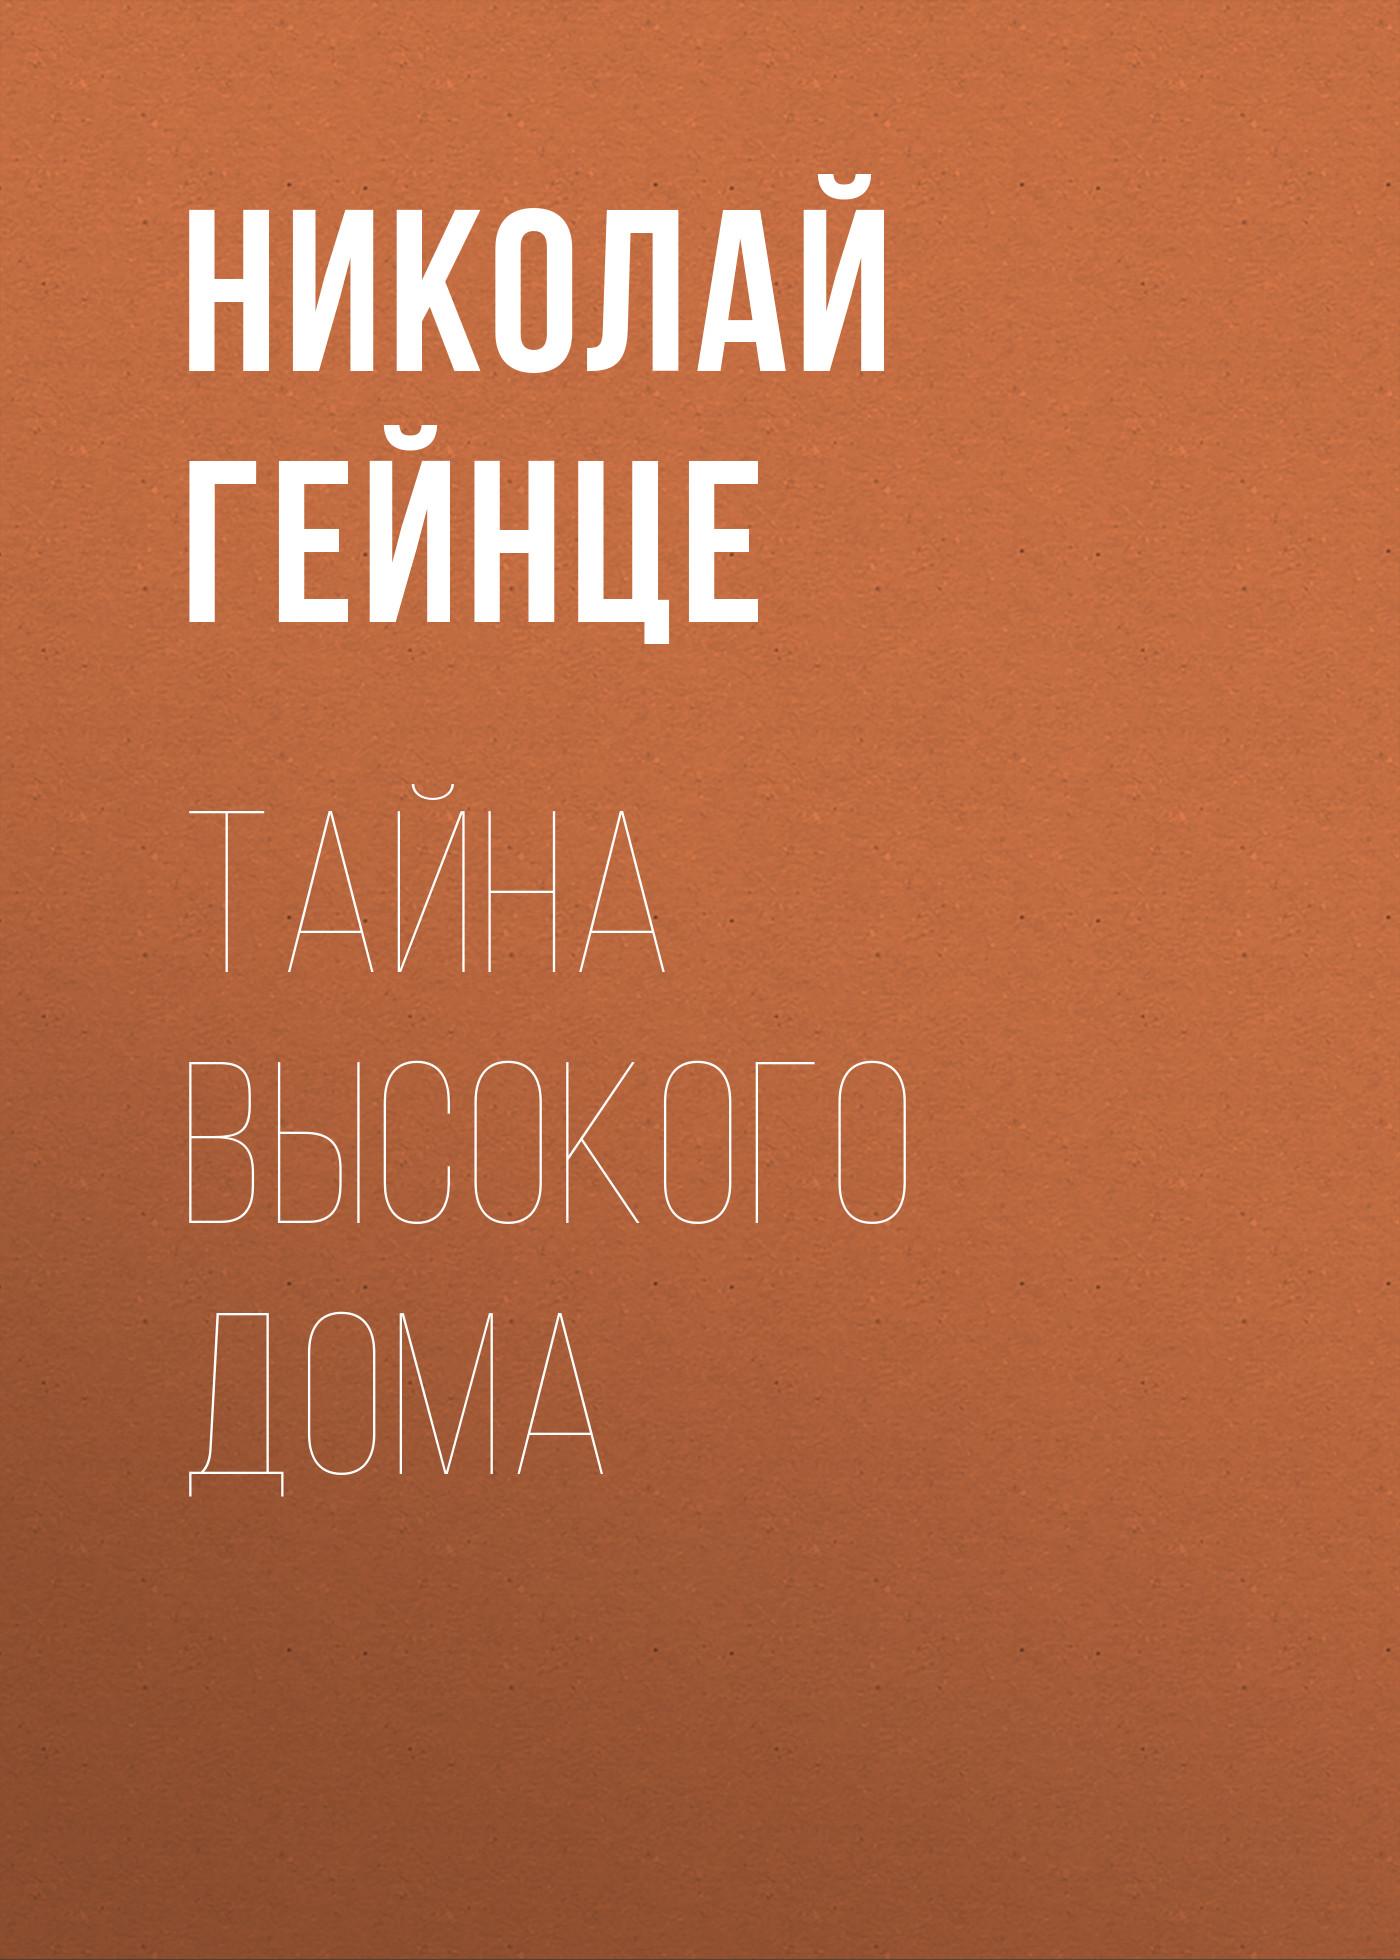 Фото - Николай Гейнце Тайна высокого дома николай гейнце прощенное воскресенье